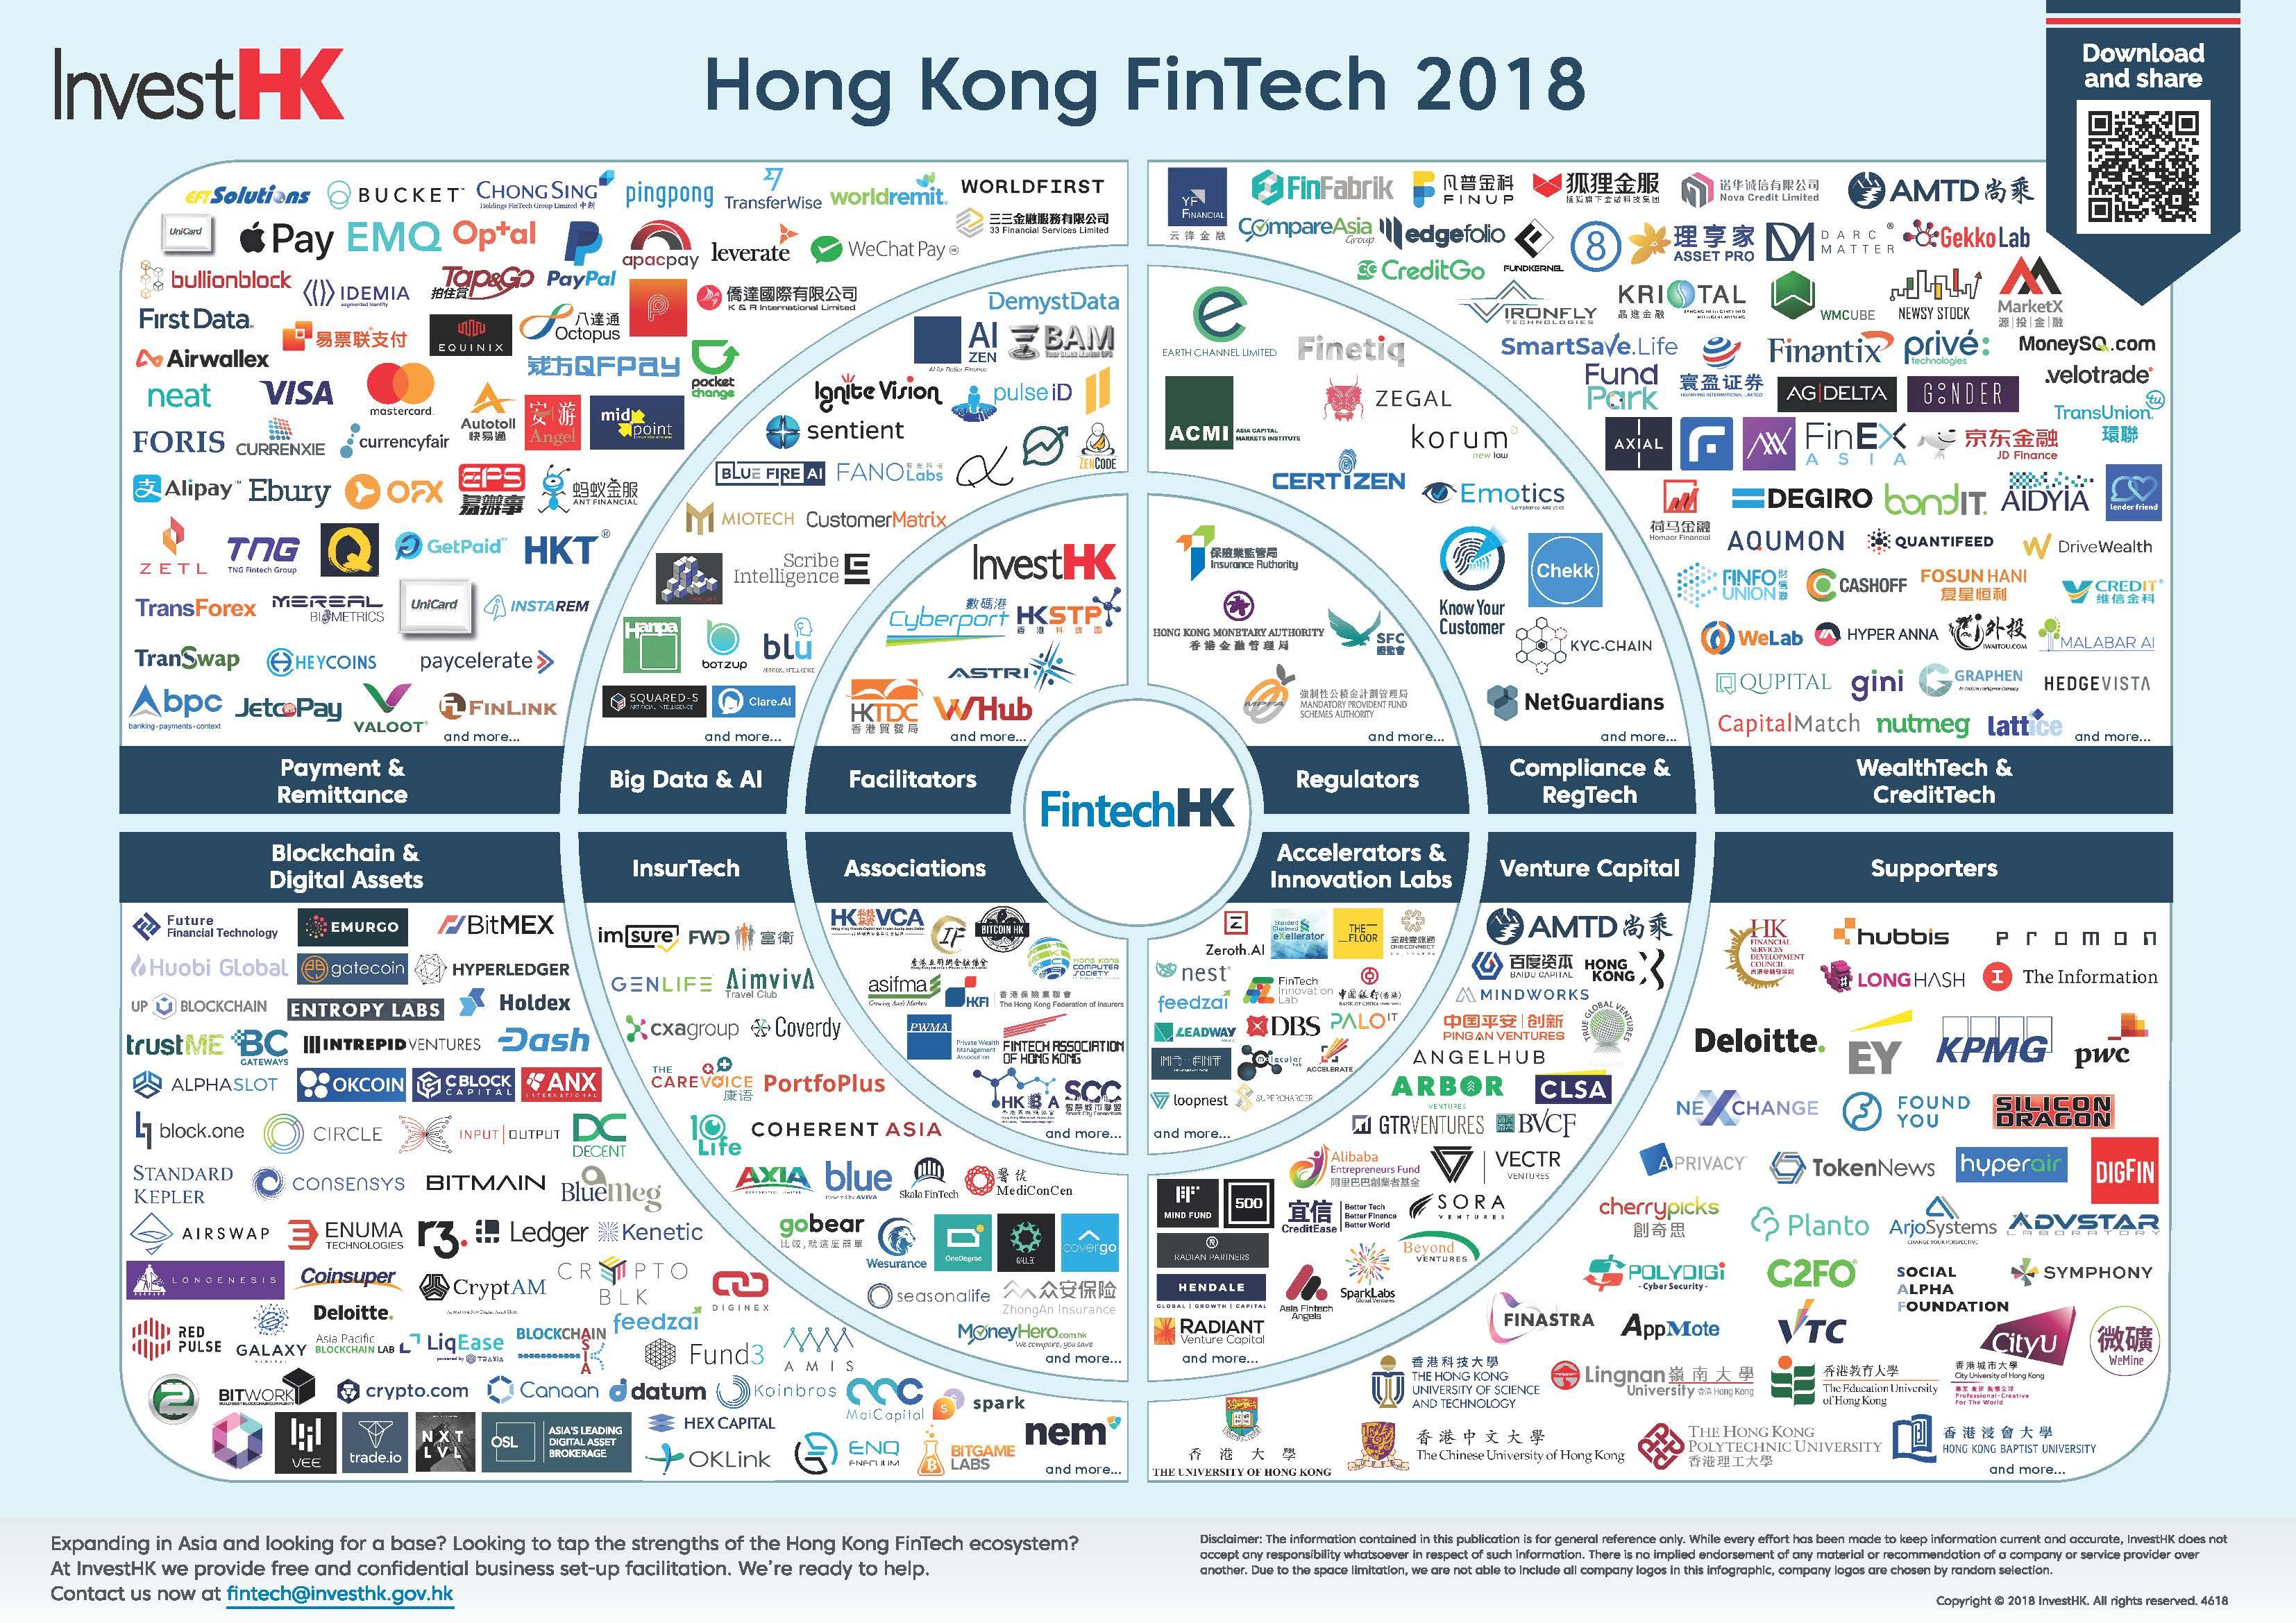 Hong Kong Fintech 2018